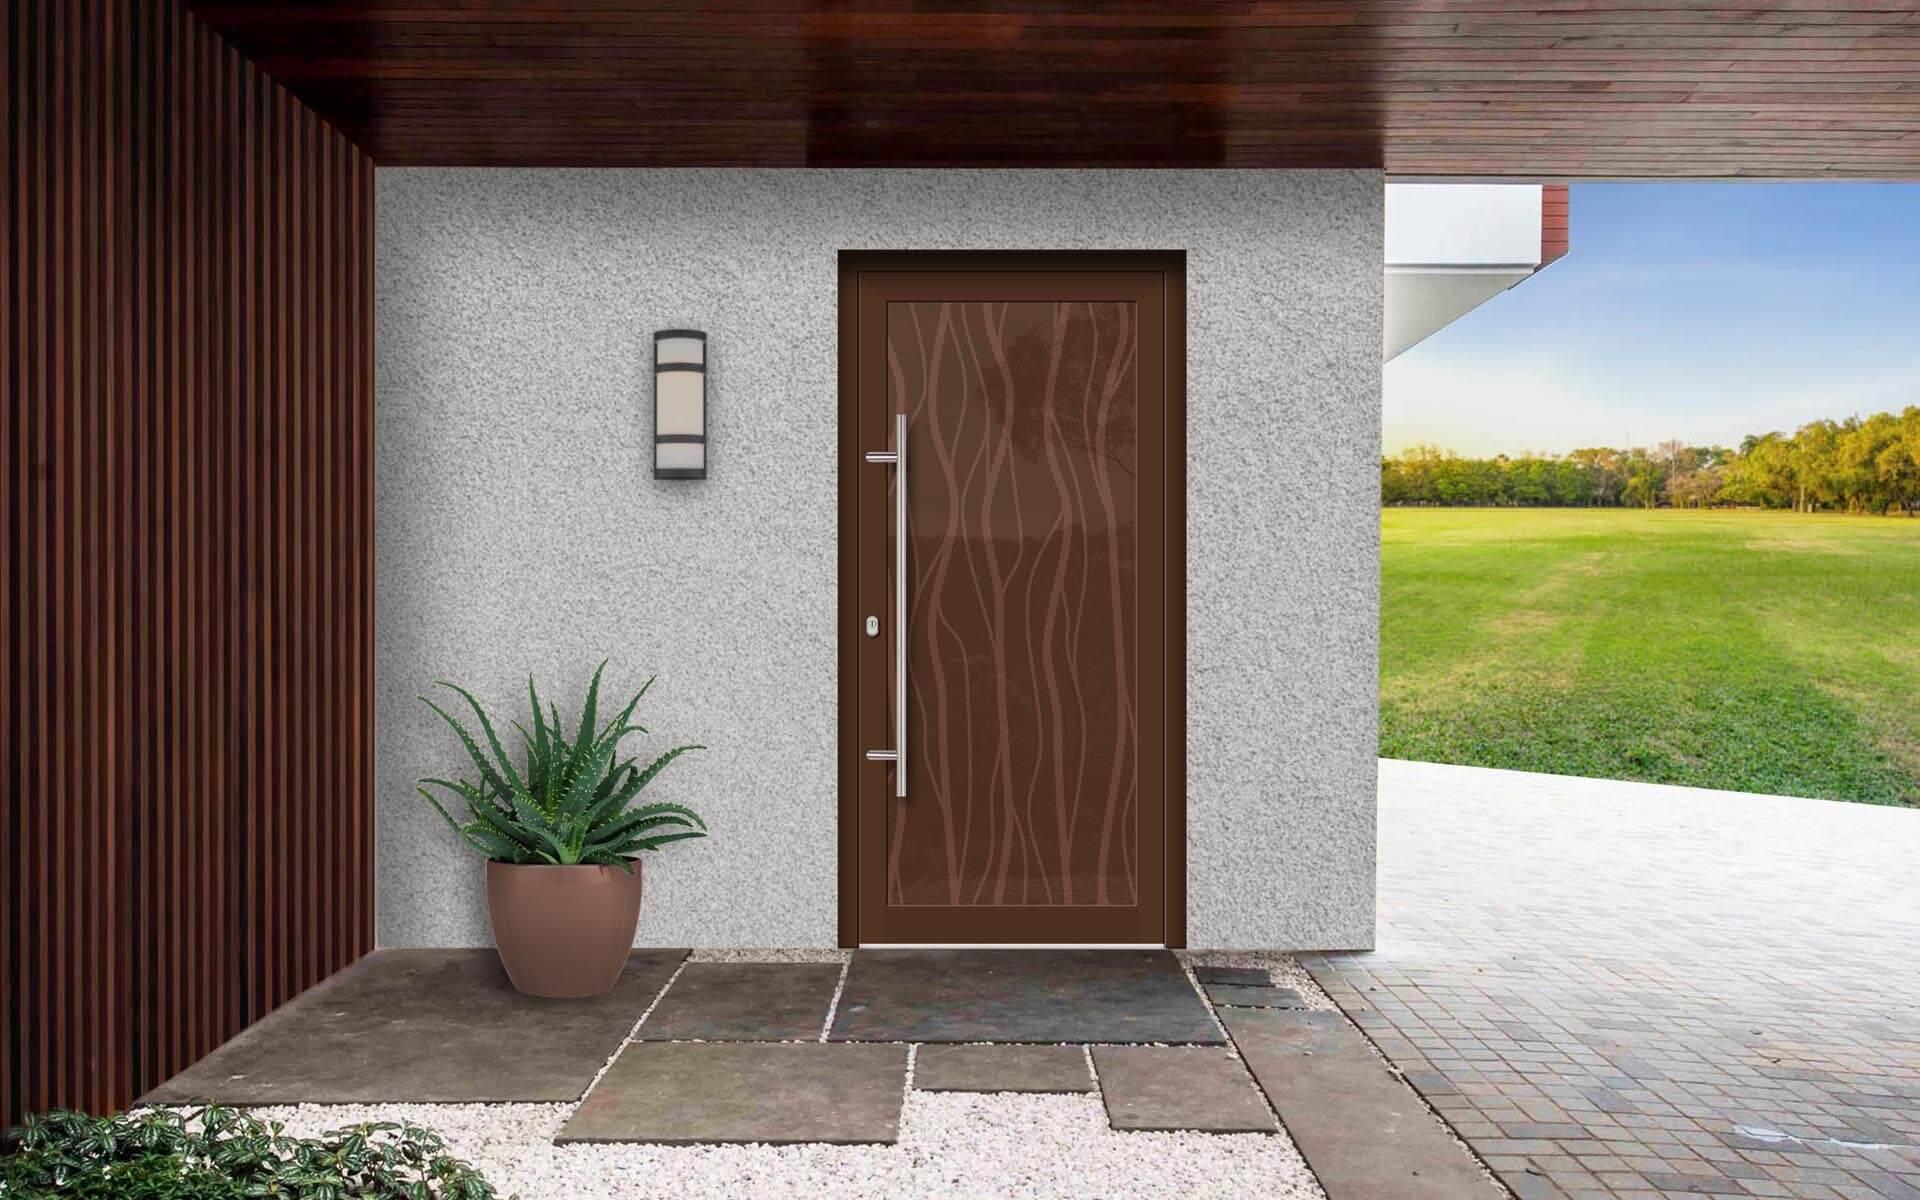 Vchodové dvere do domu vo farbách podobných drevu RAL 8011 a 8002